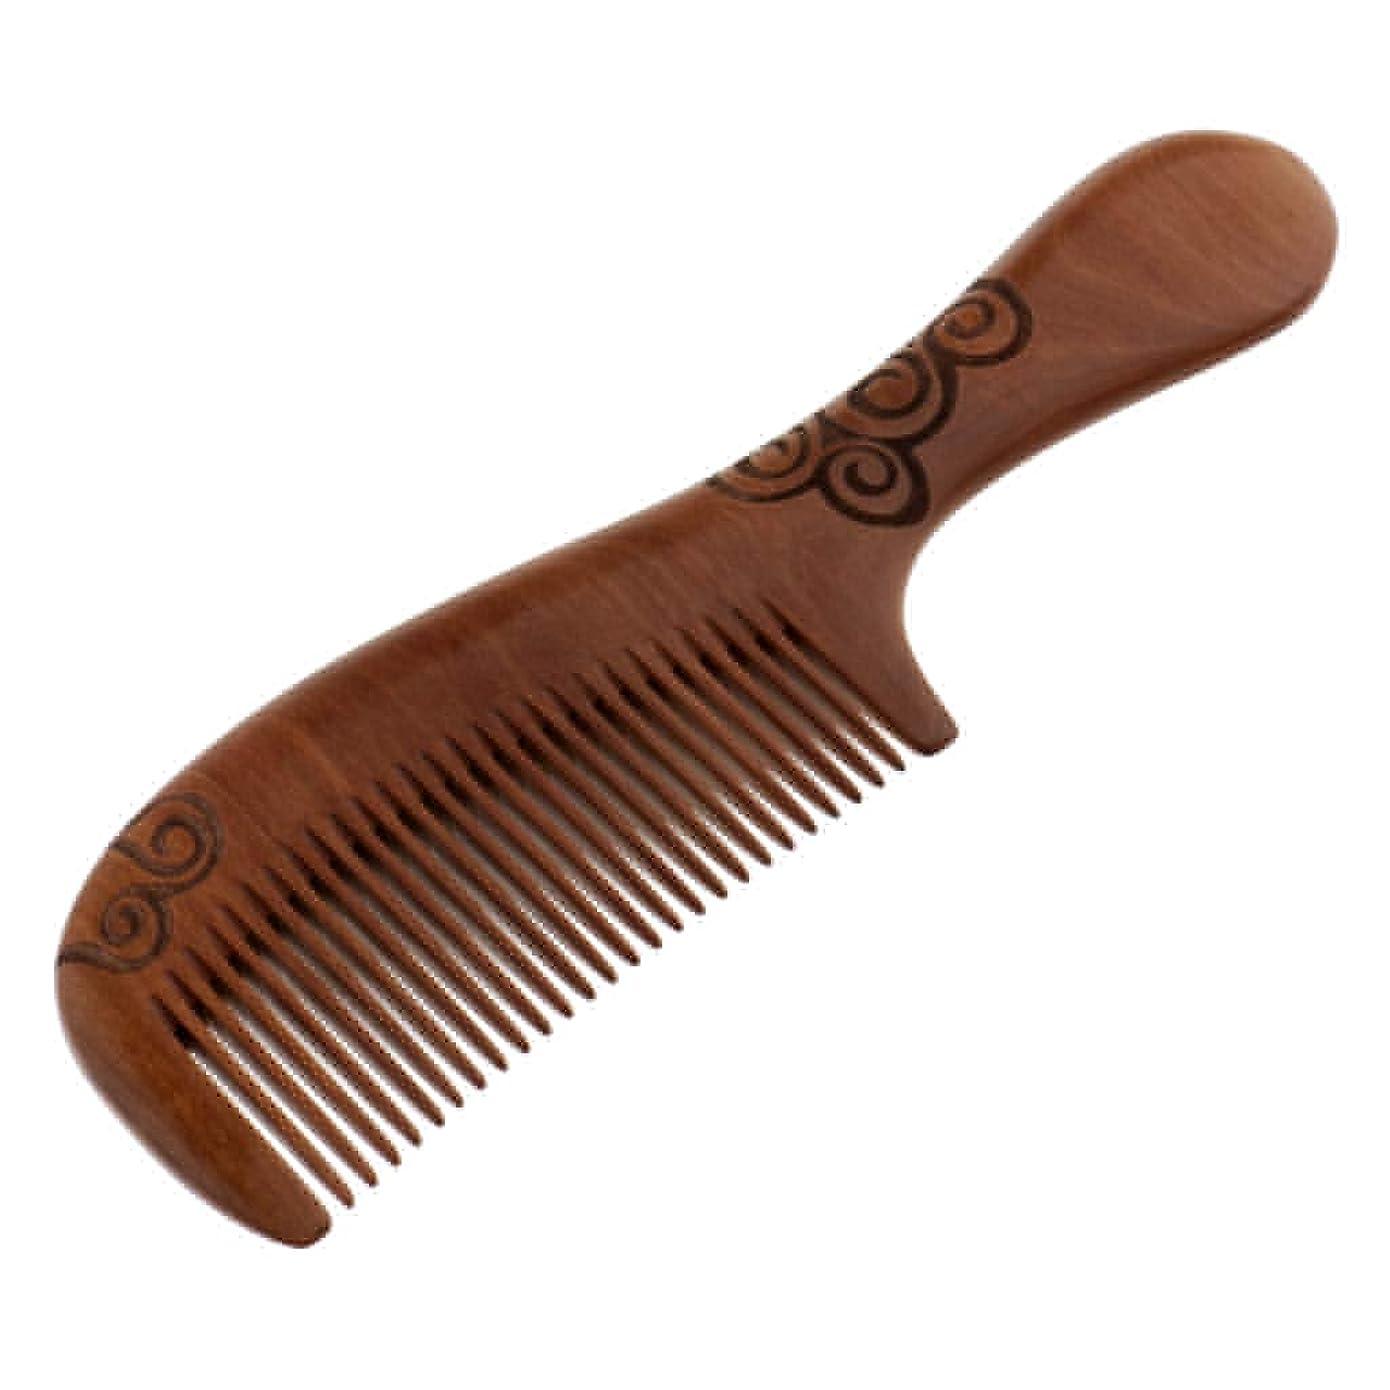 広げる浪費腫瘍Toygogo くし コーム 木製 頭皮マッサージ ヘア櫛 木製ヘアコーム ヘアケア 髪の櫛 帯電防止 耐熱性